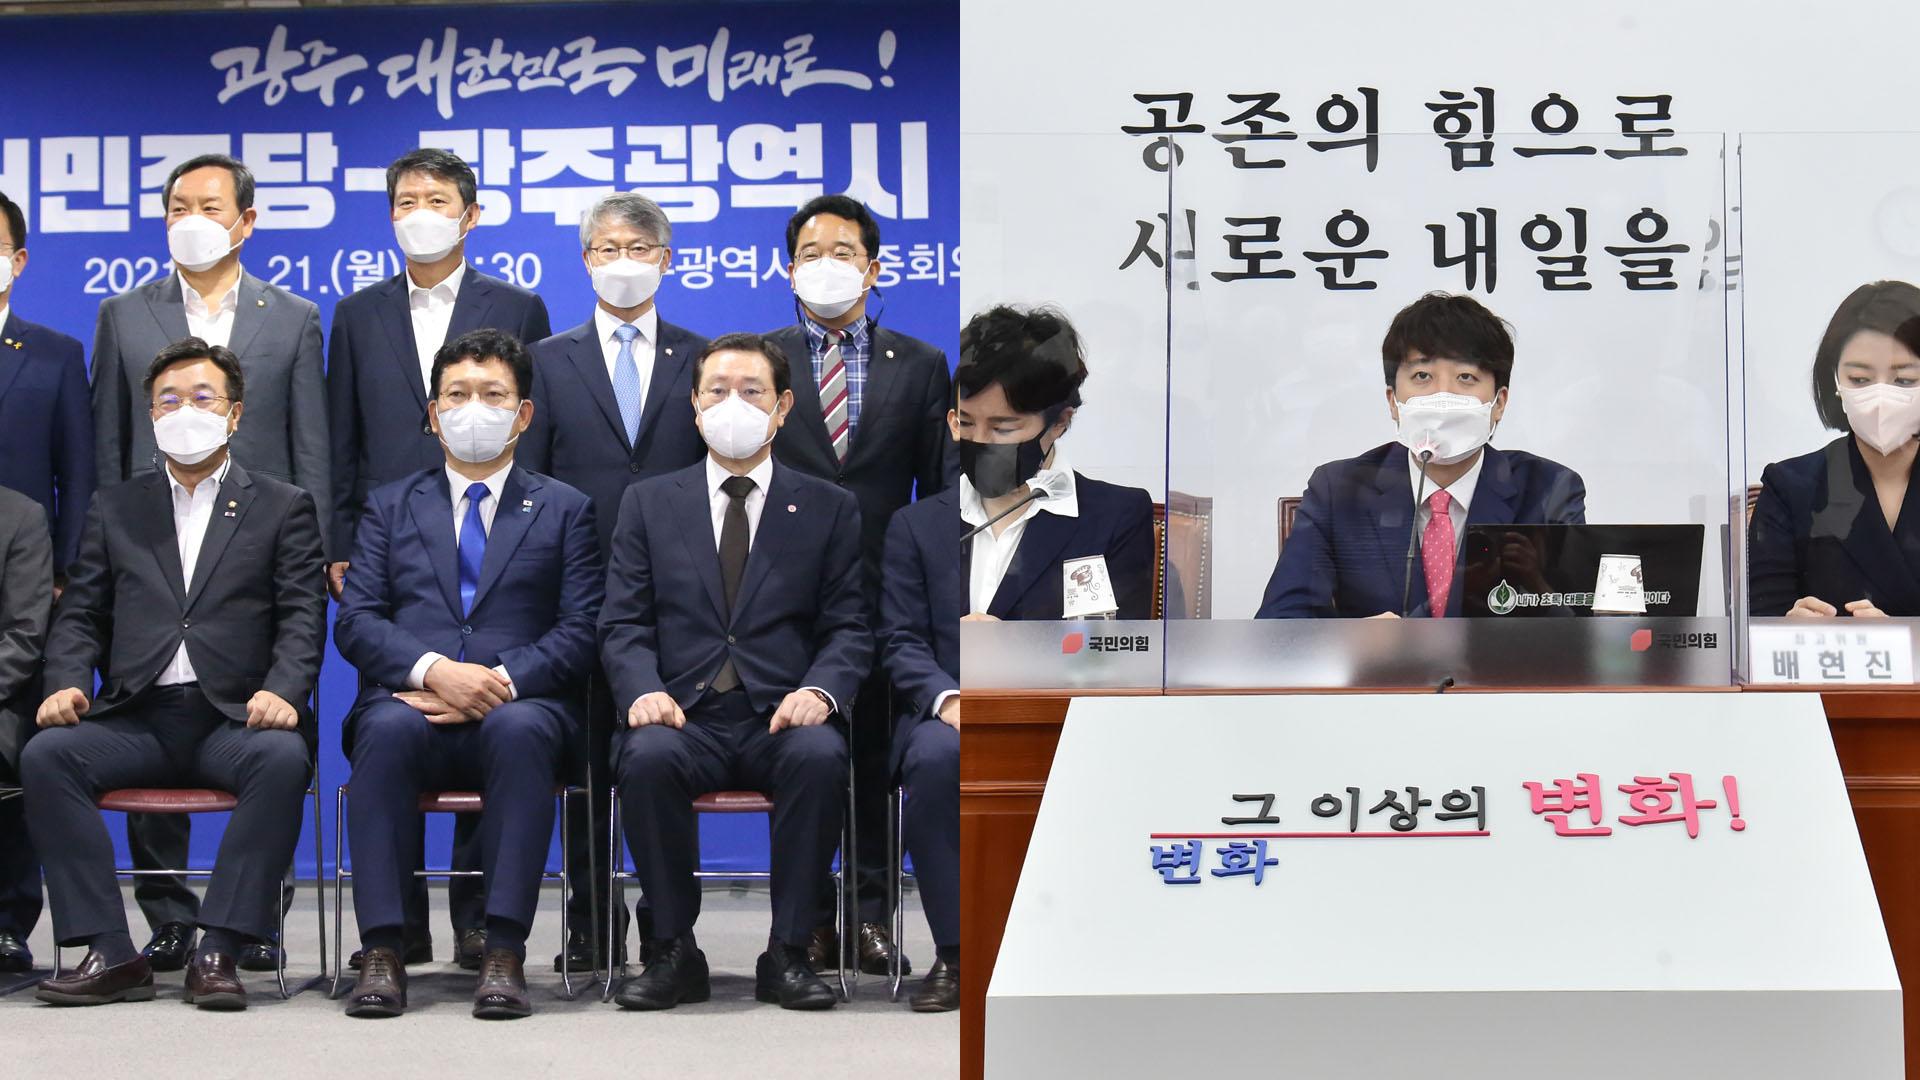 與, 경선연기 내홍 속 광주행…野 '尹 X파일' 엄호